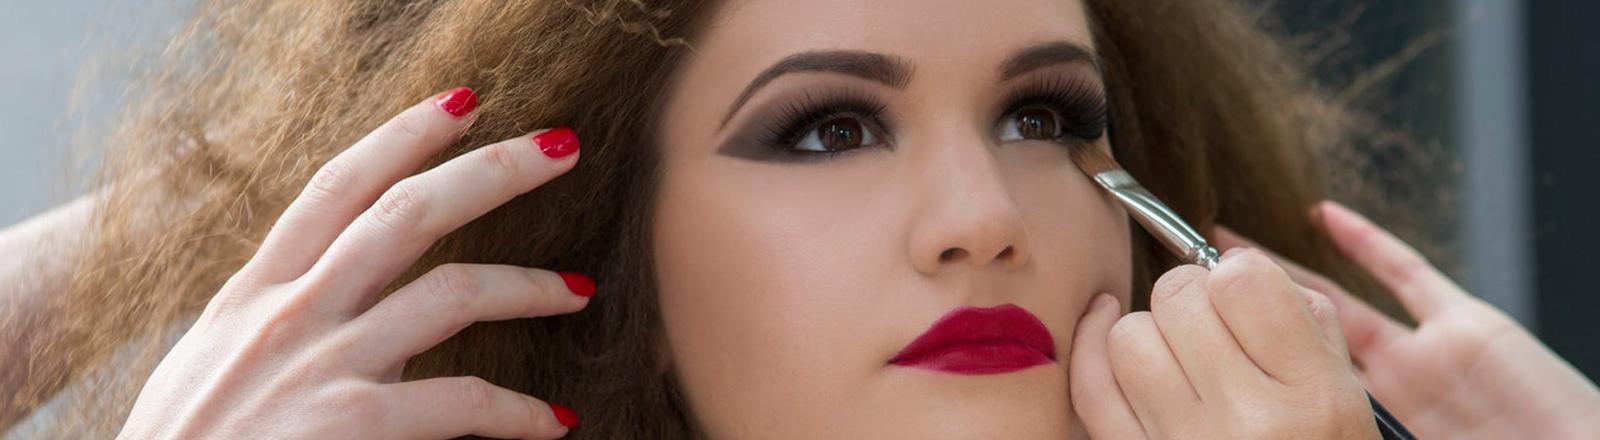 Eine junge Frau wird geschminkt